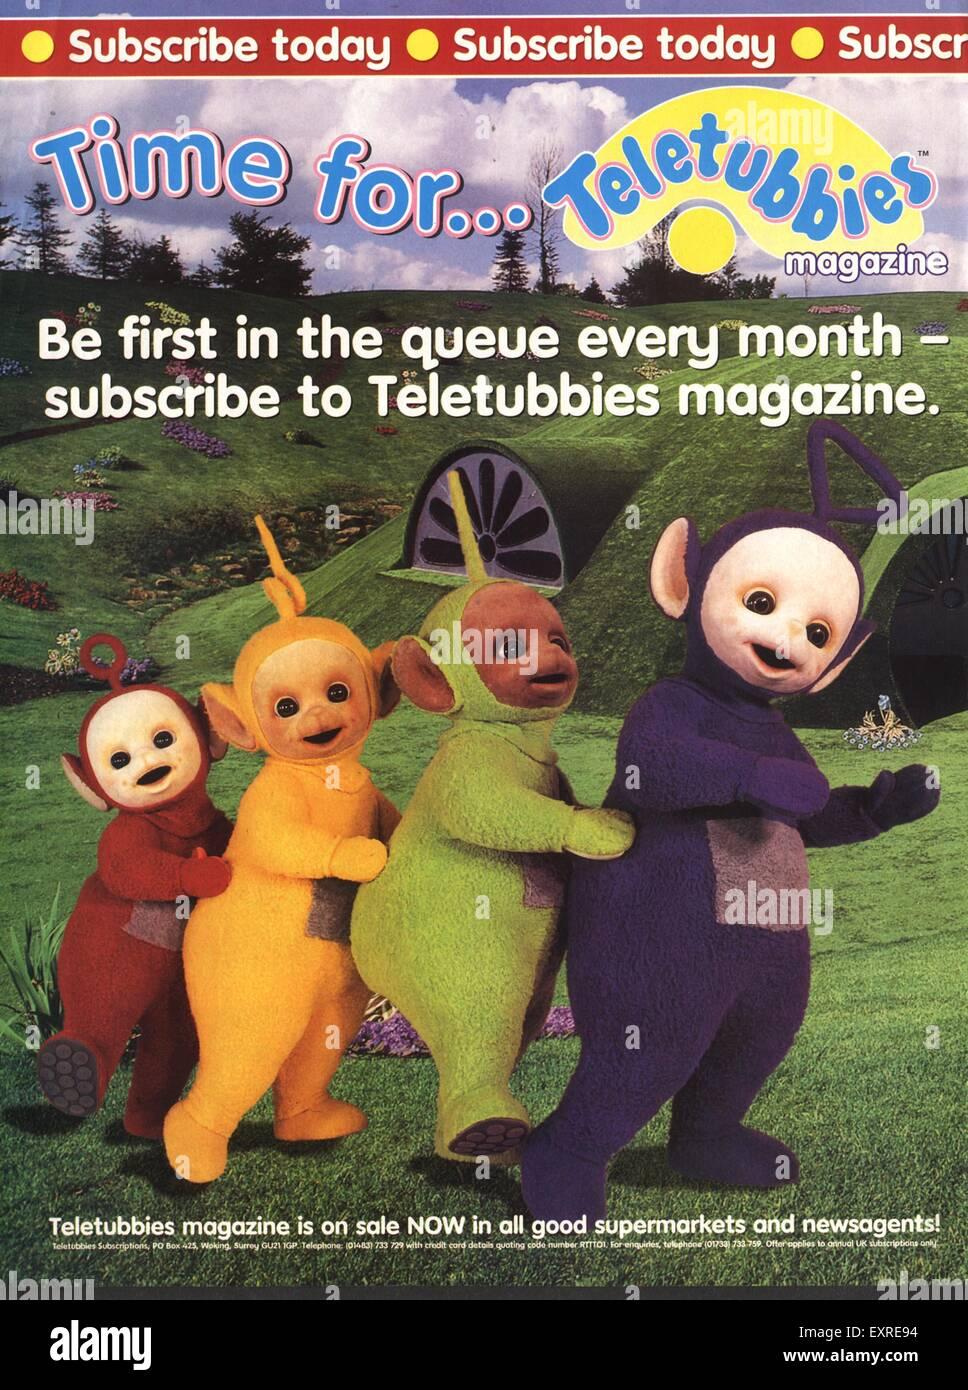 Teletubbies Stockfotos & Teletubbies Bilder - Alamy